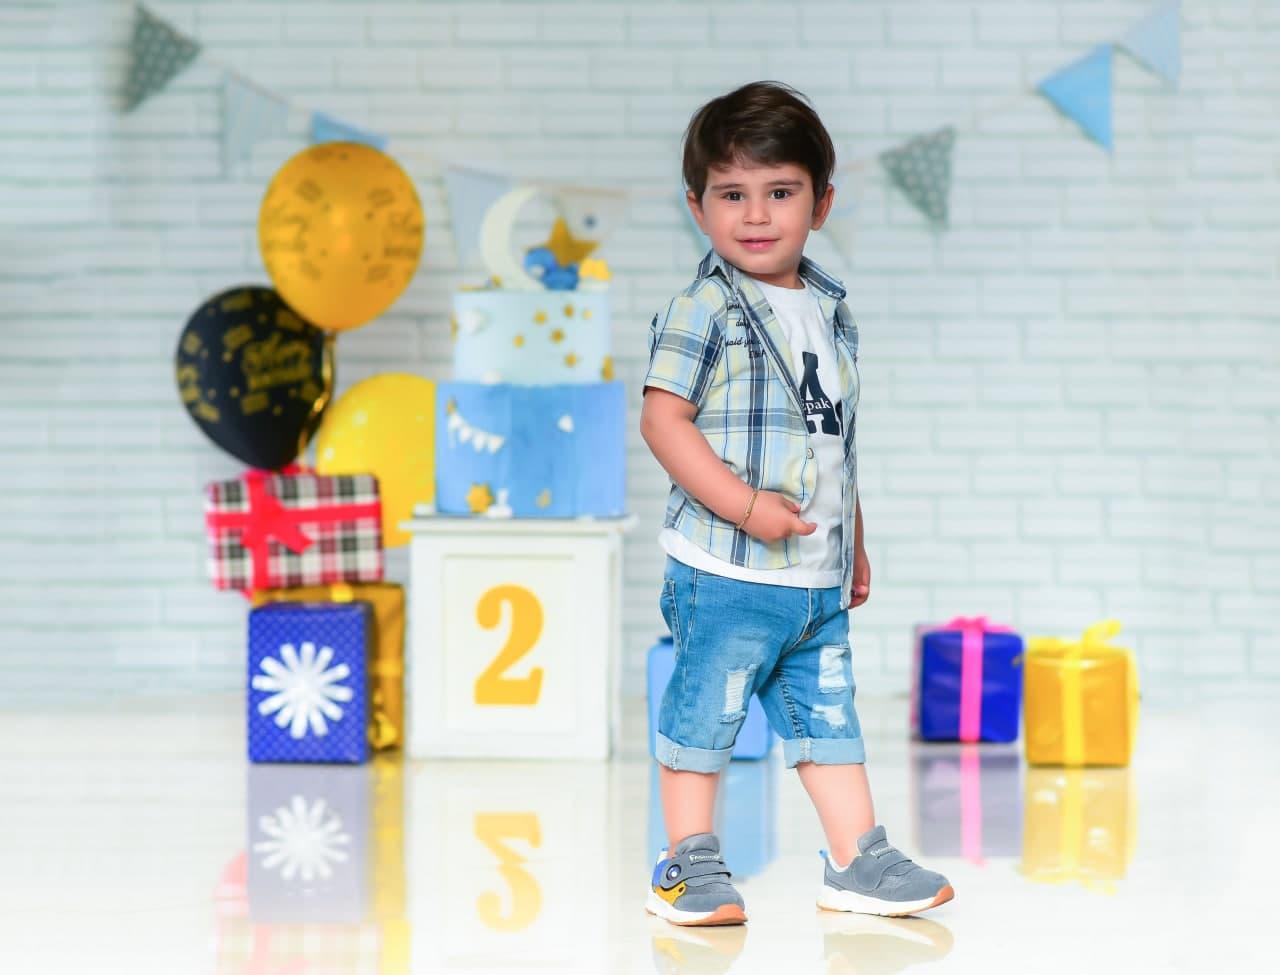 عکاسی کودک و عکاسی جشن تولد در آتلیه کودک